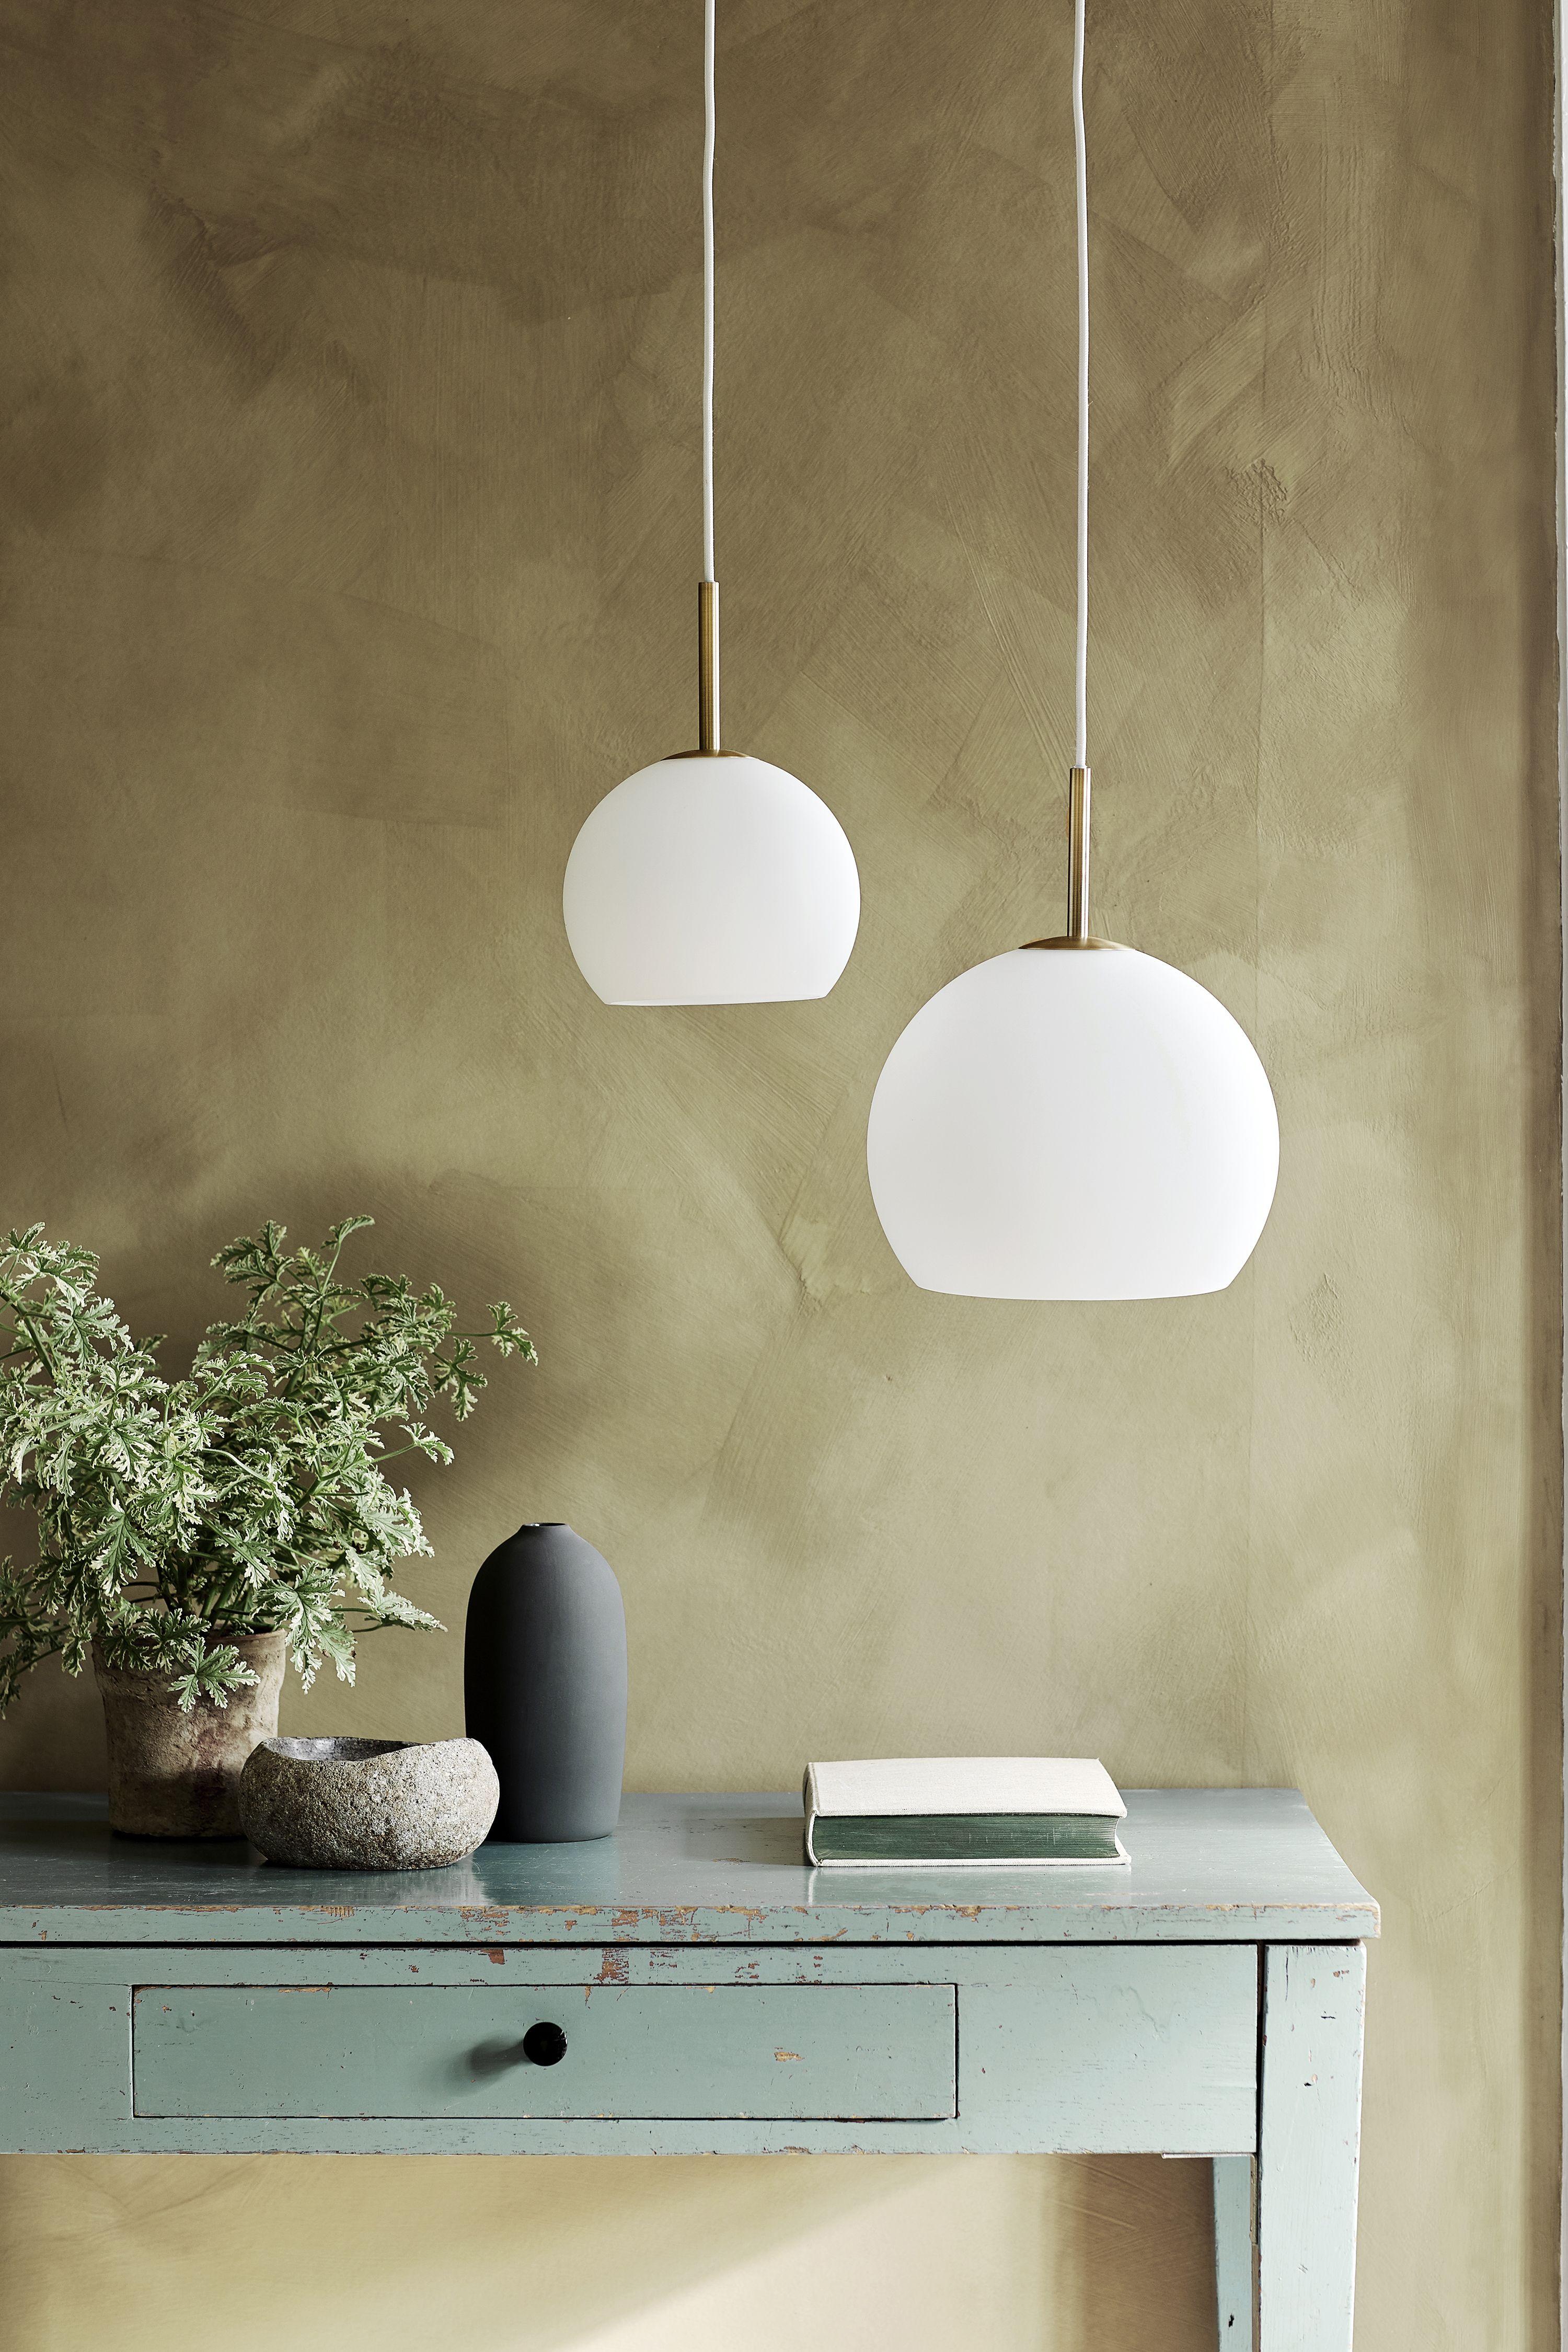 Ball Pendant Glass Frandsen Glass Ball Pendant Lighting Pendant Lamp Ball Lamps